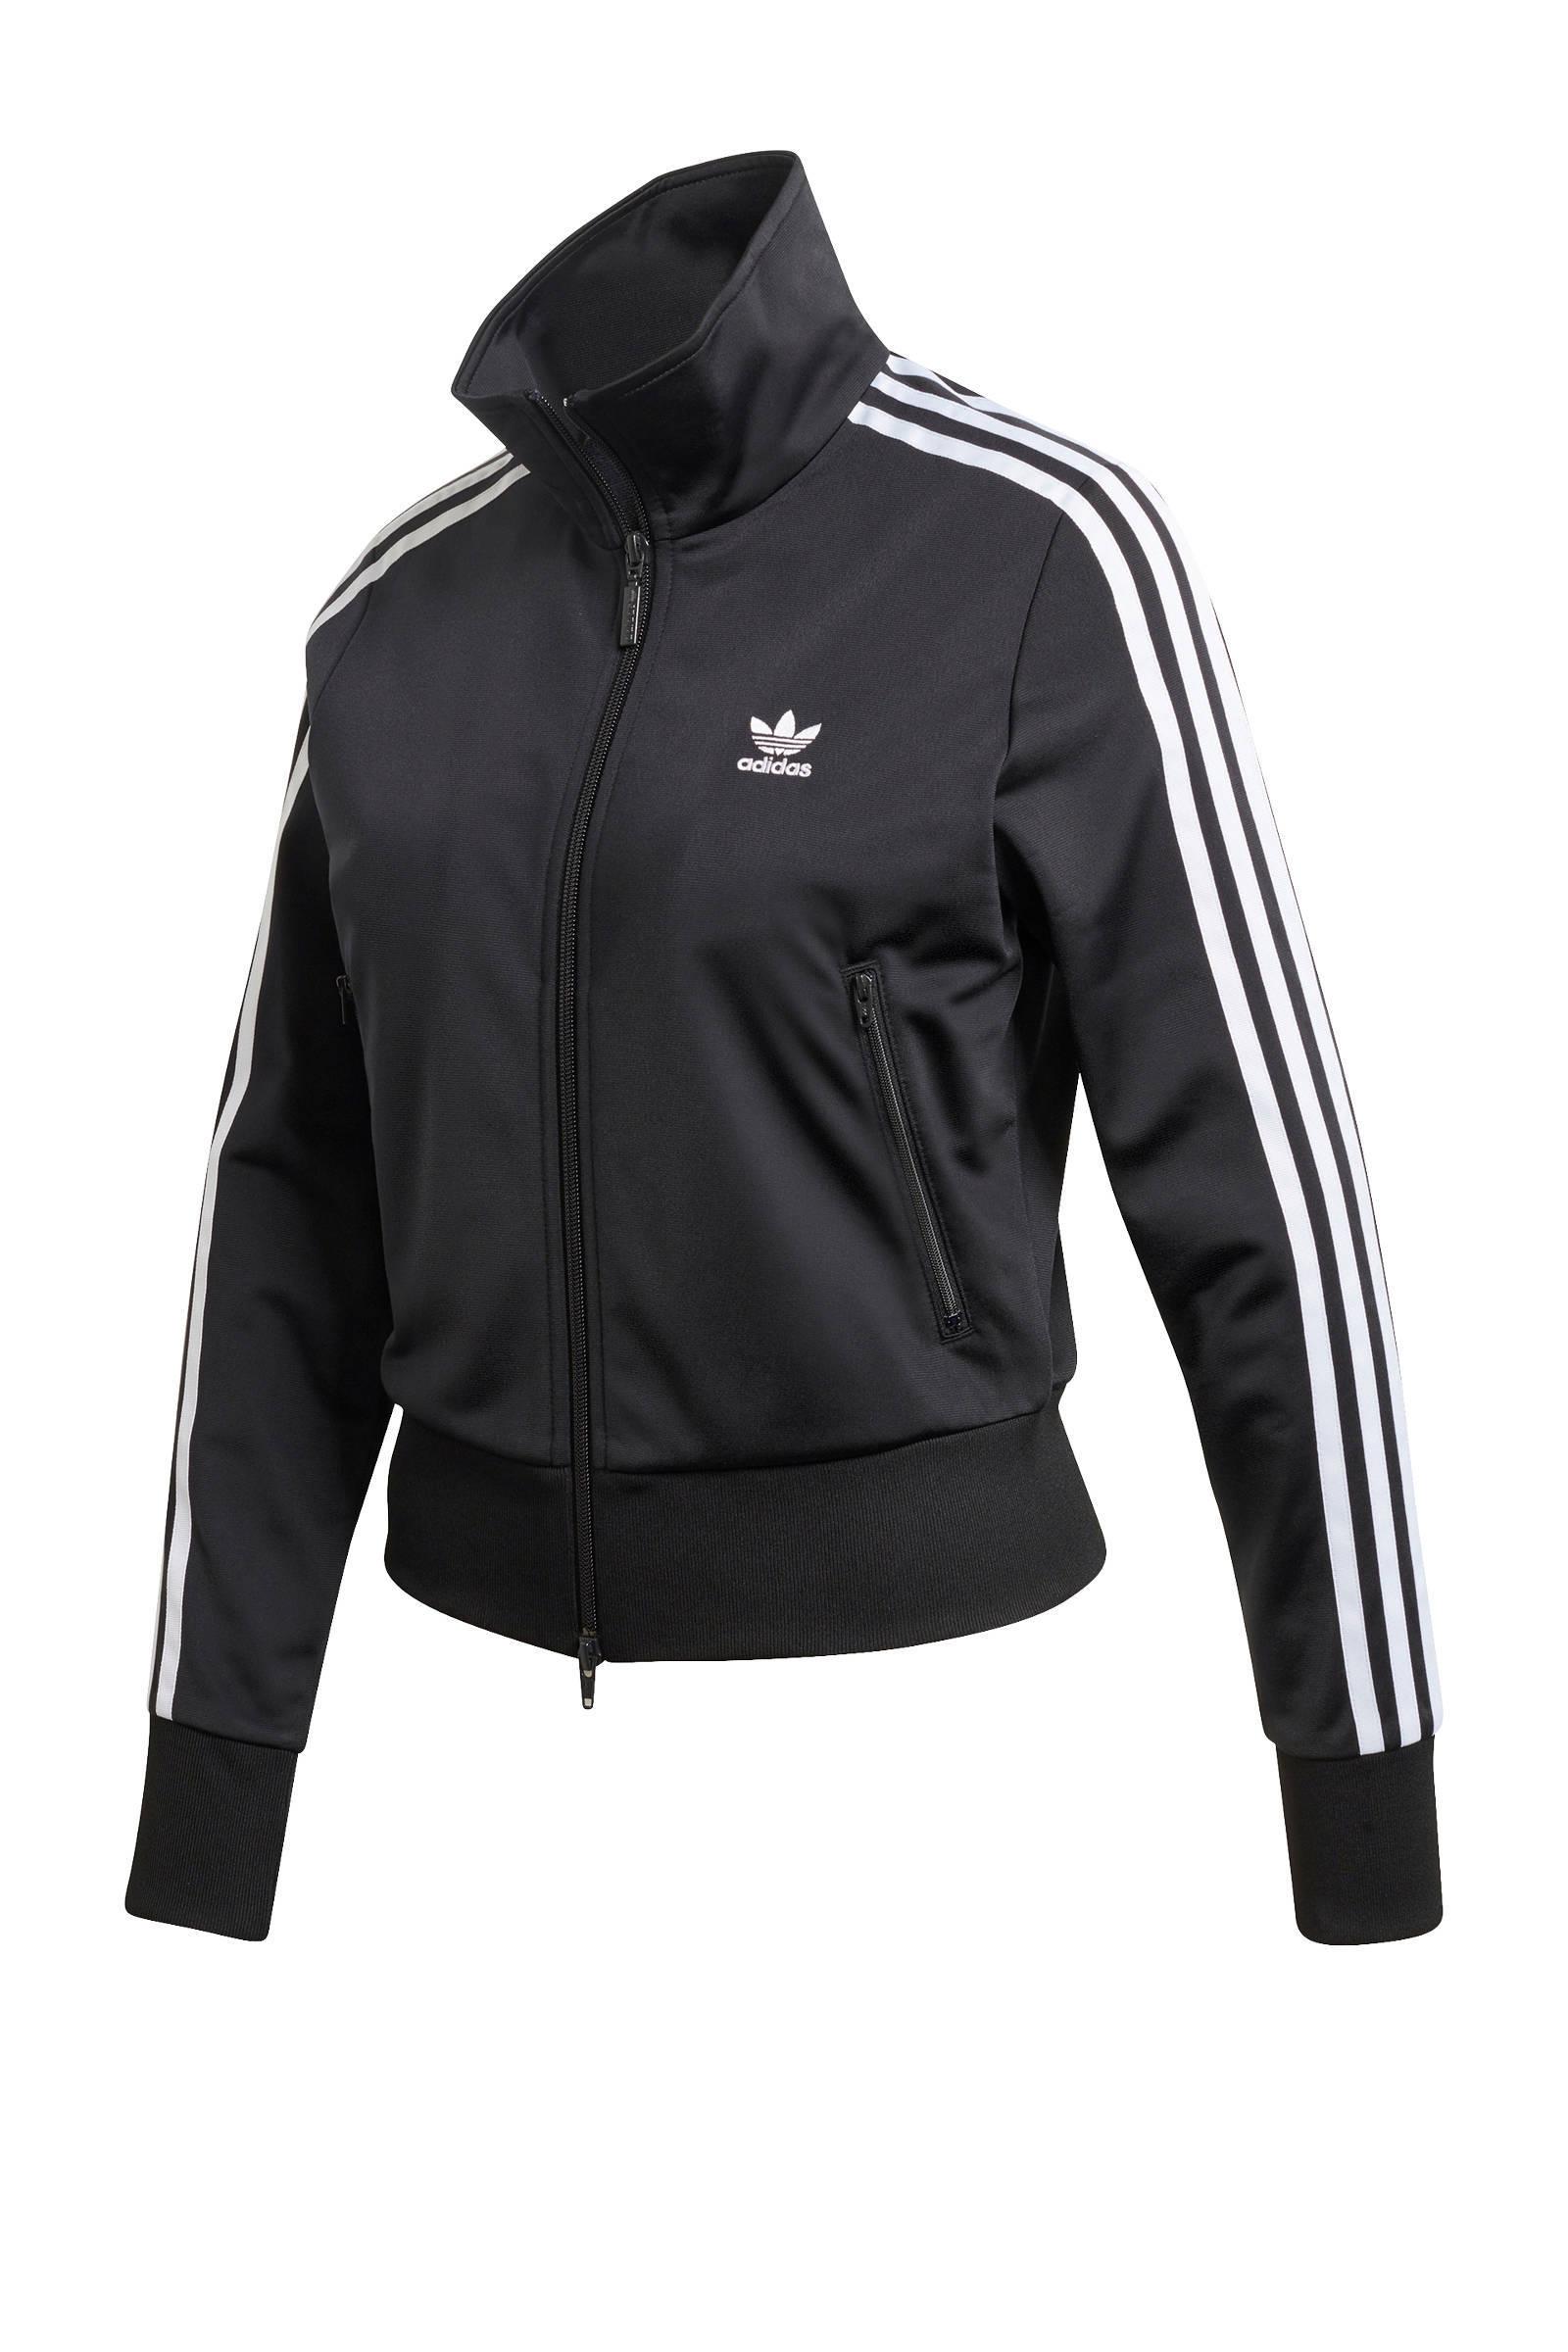 Adidas Originals vest zwart/wit online kopen